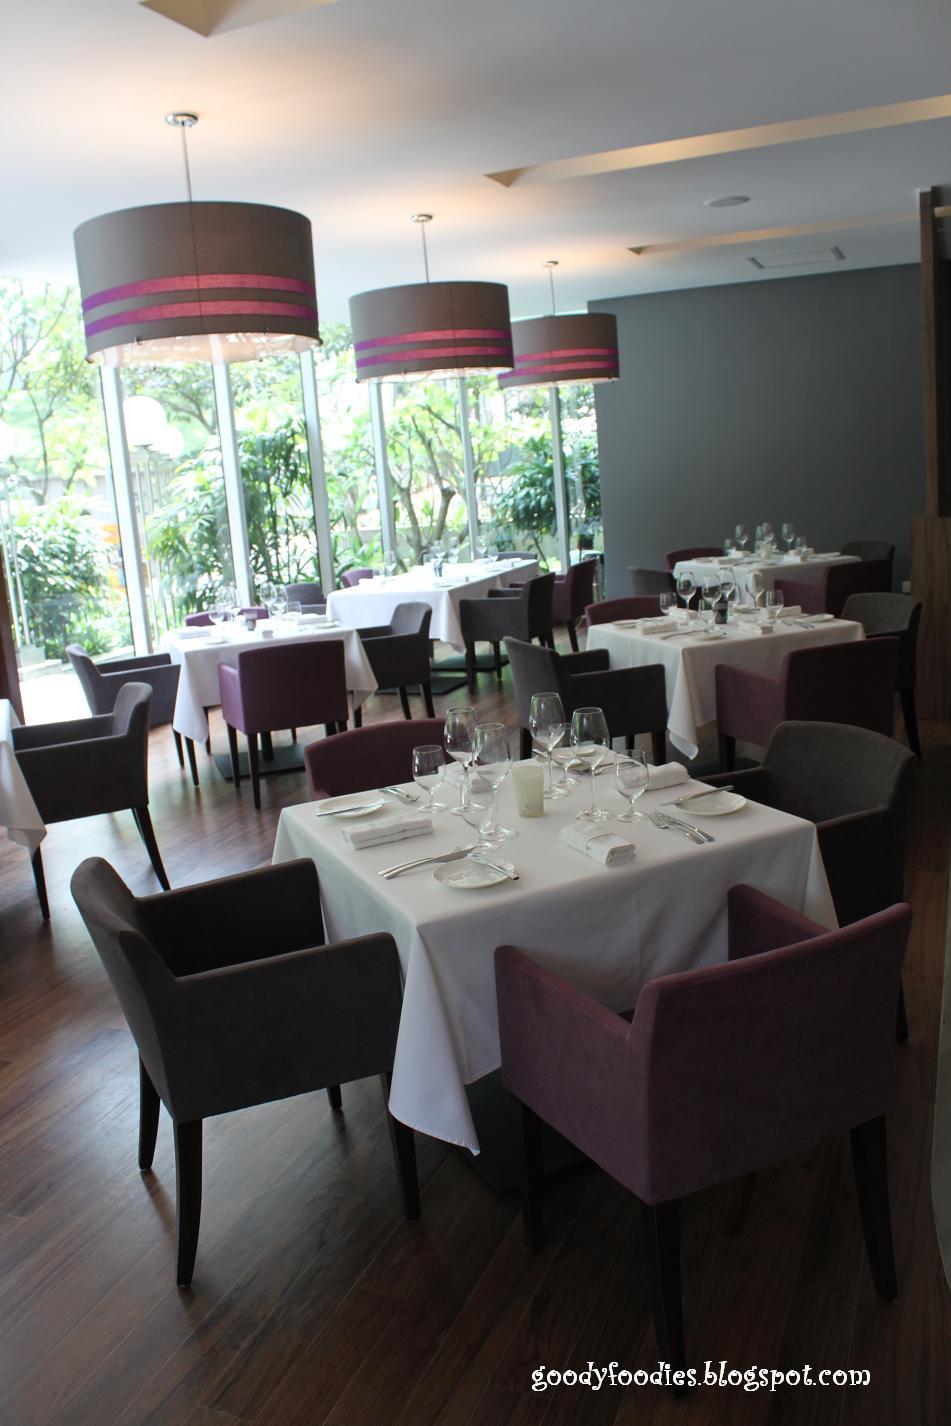 Goodyfoodies cuisine gourmet by nathalie menara taipan for Cuisine gourmet by nathalie